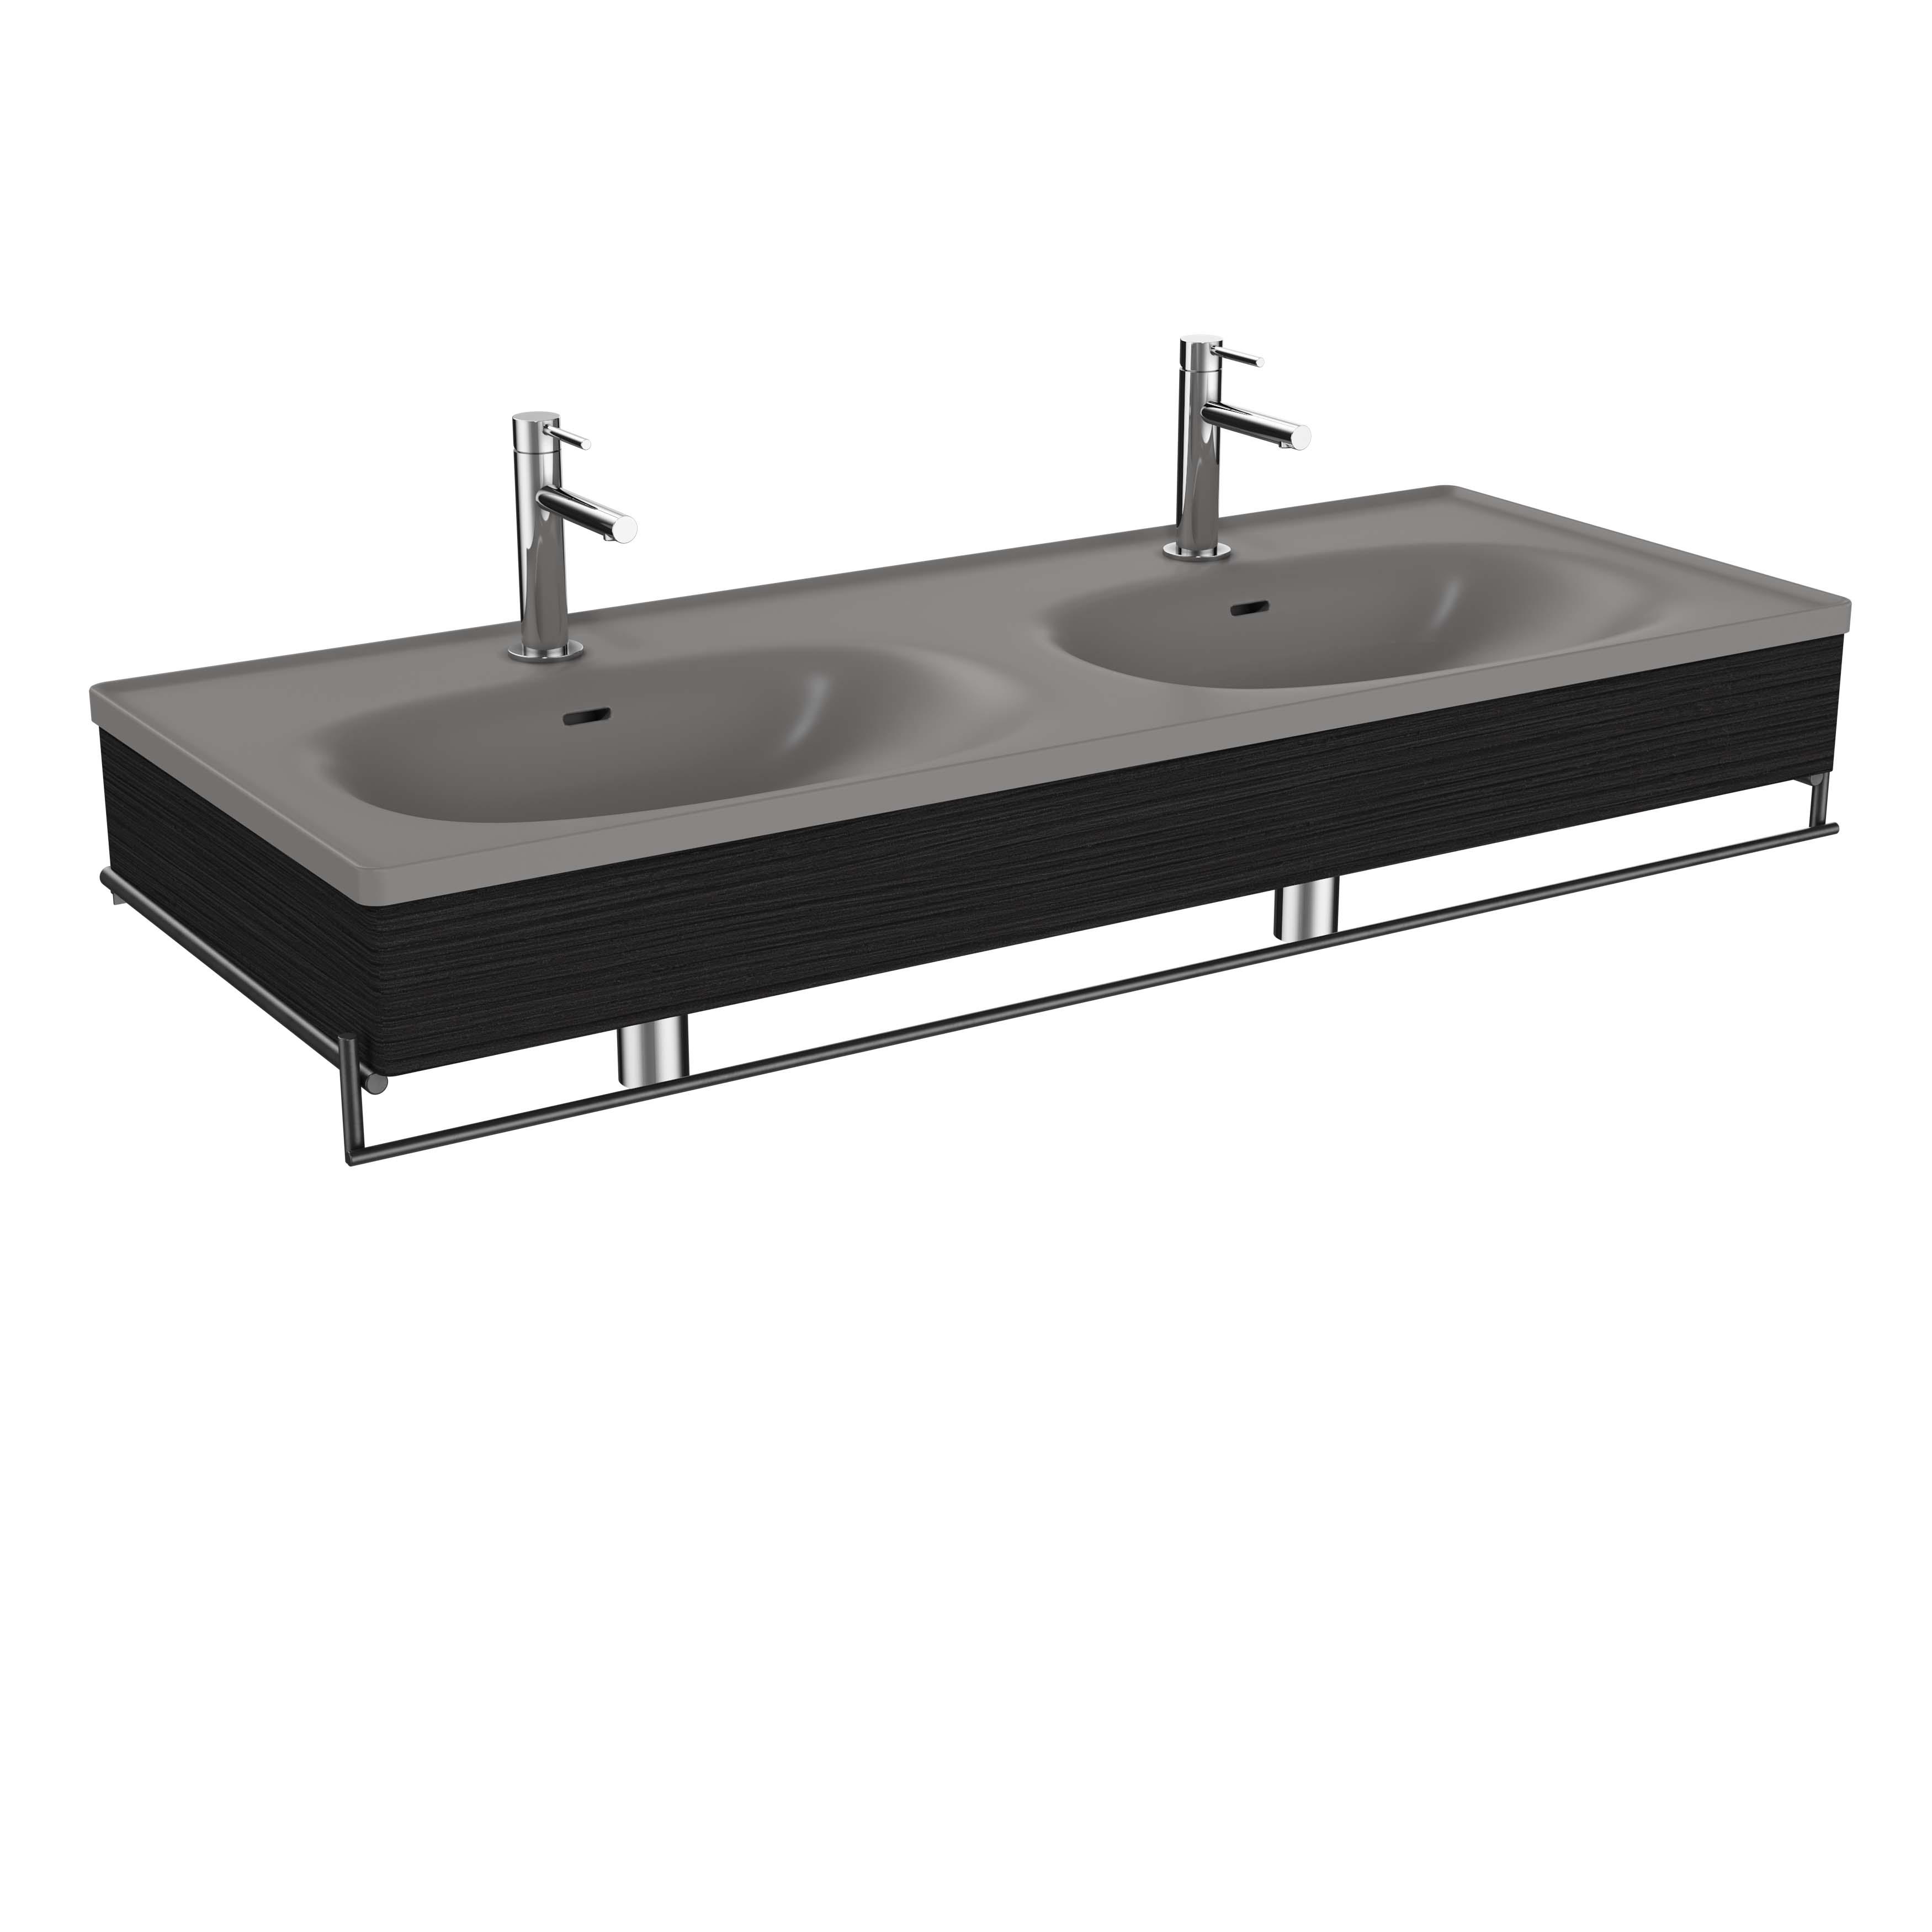 Equal plan céramique, lavabo double, panneau en bois et porte-serviette., 130 cm, chêne noir structure